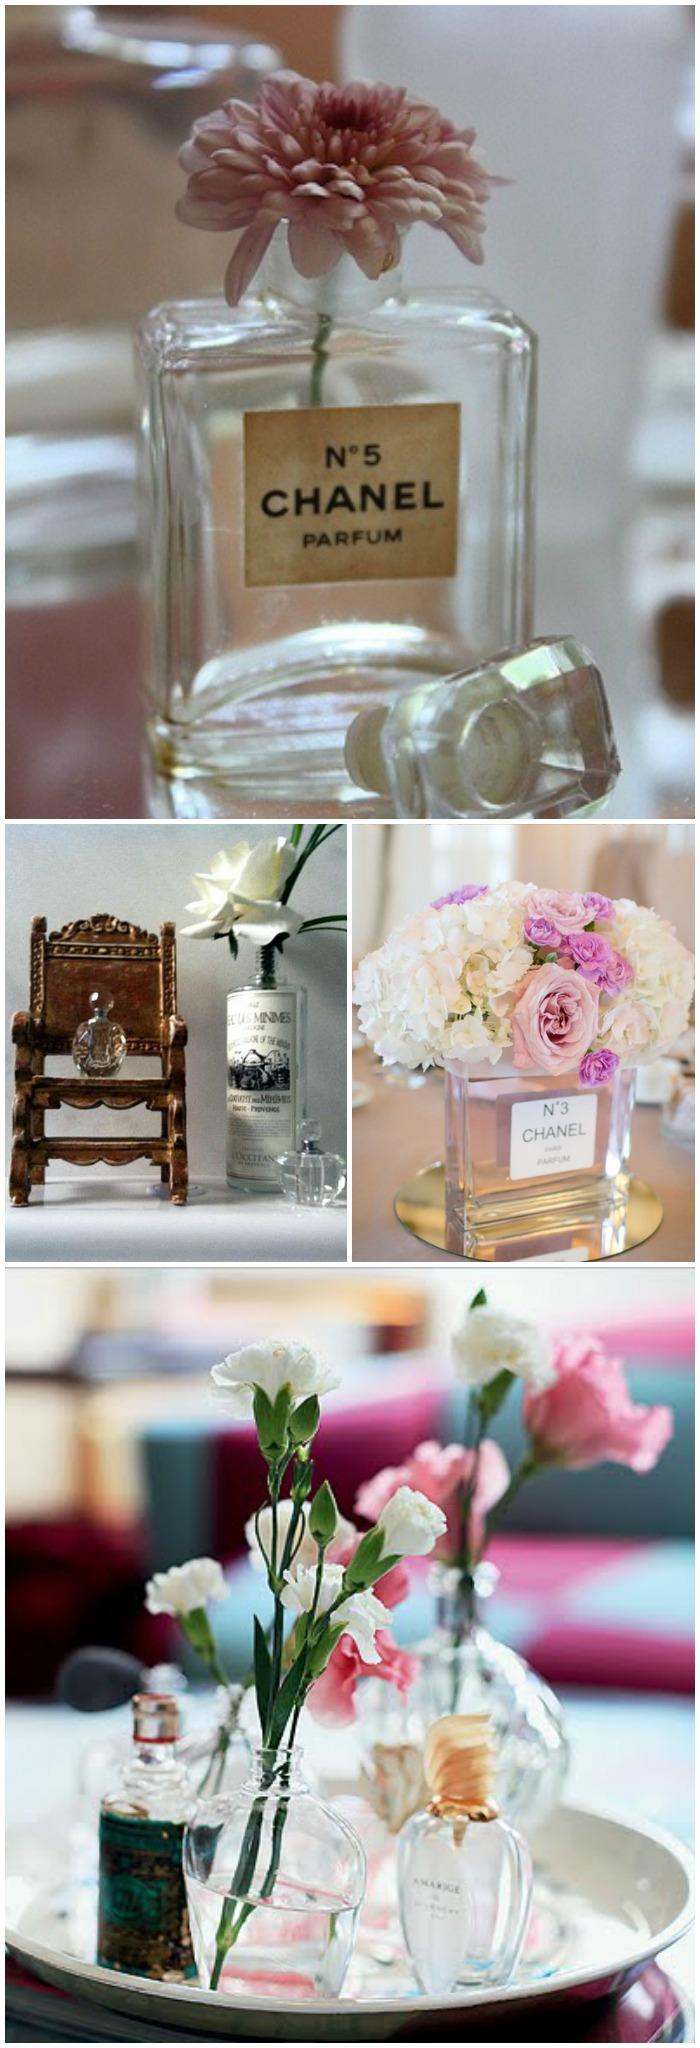 O vidrinho do seu perfume preferido ...